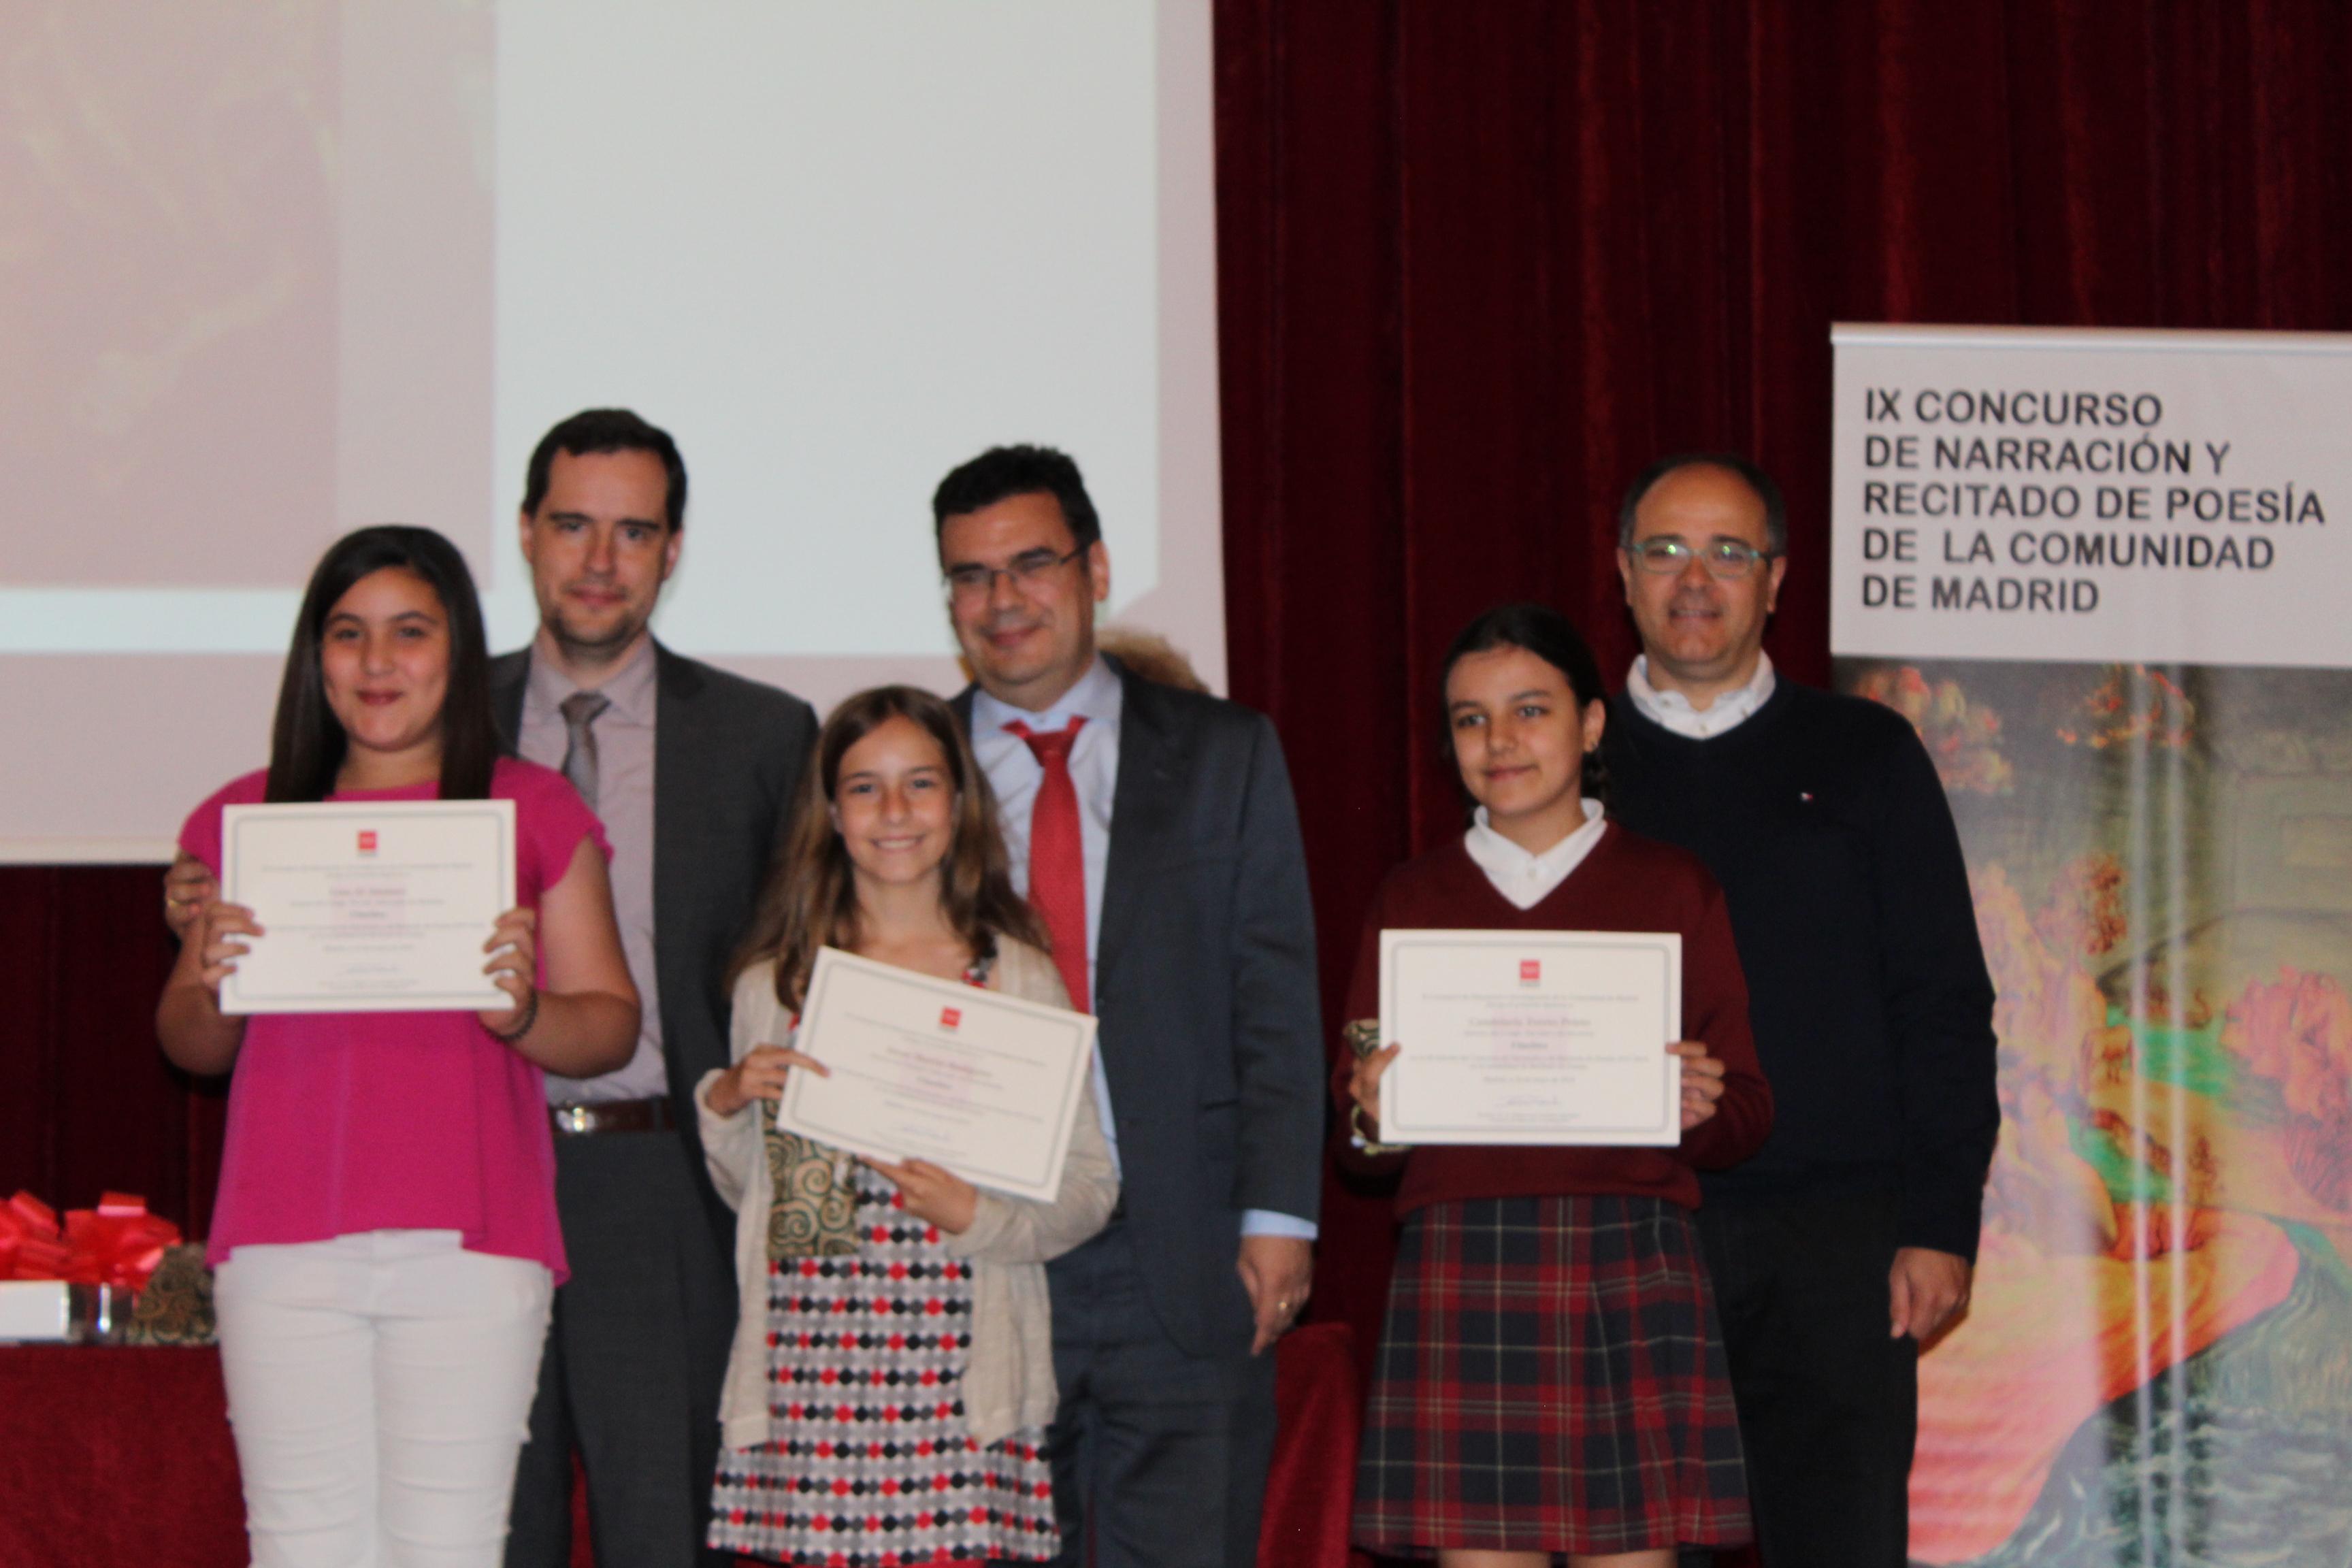 Entrega de los premios del IX Concurso de Narración y Recitado de Poesía 25